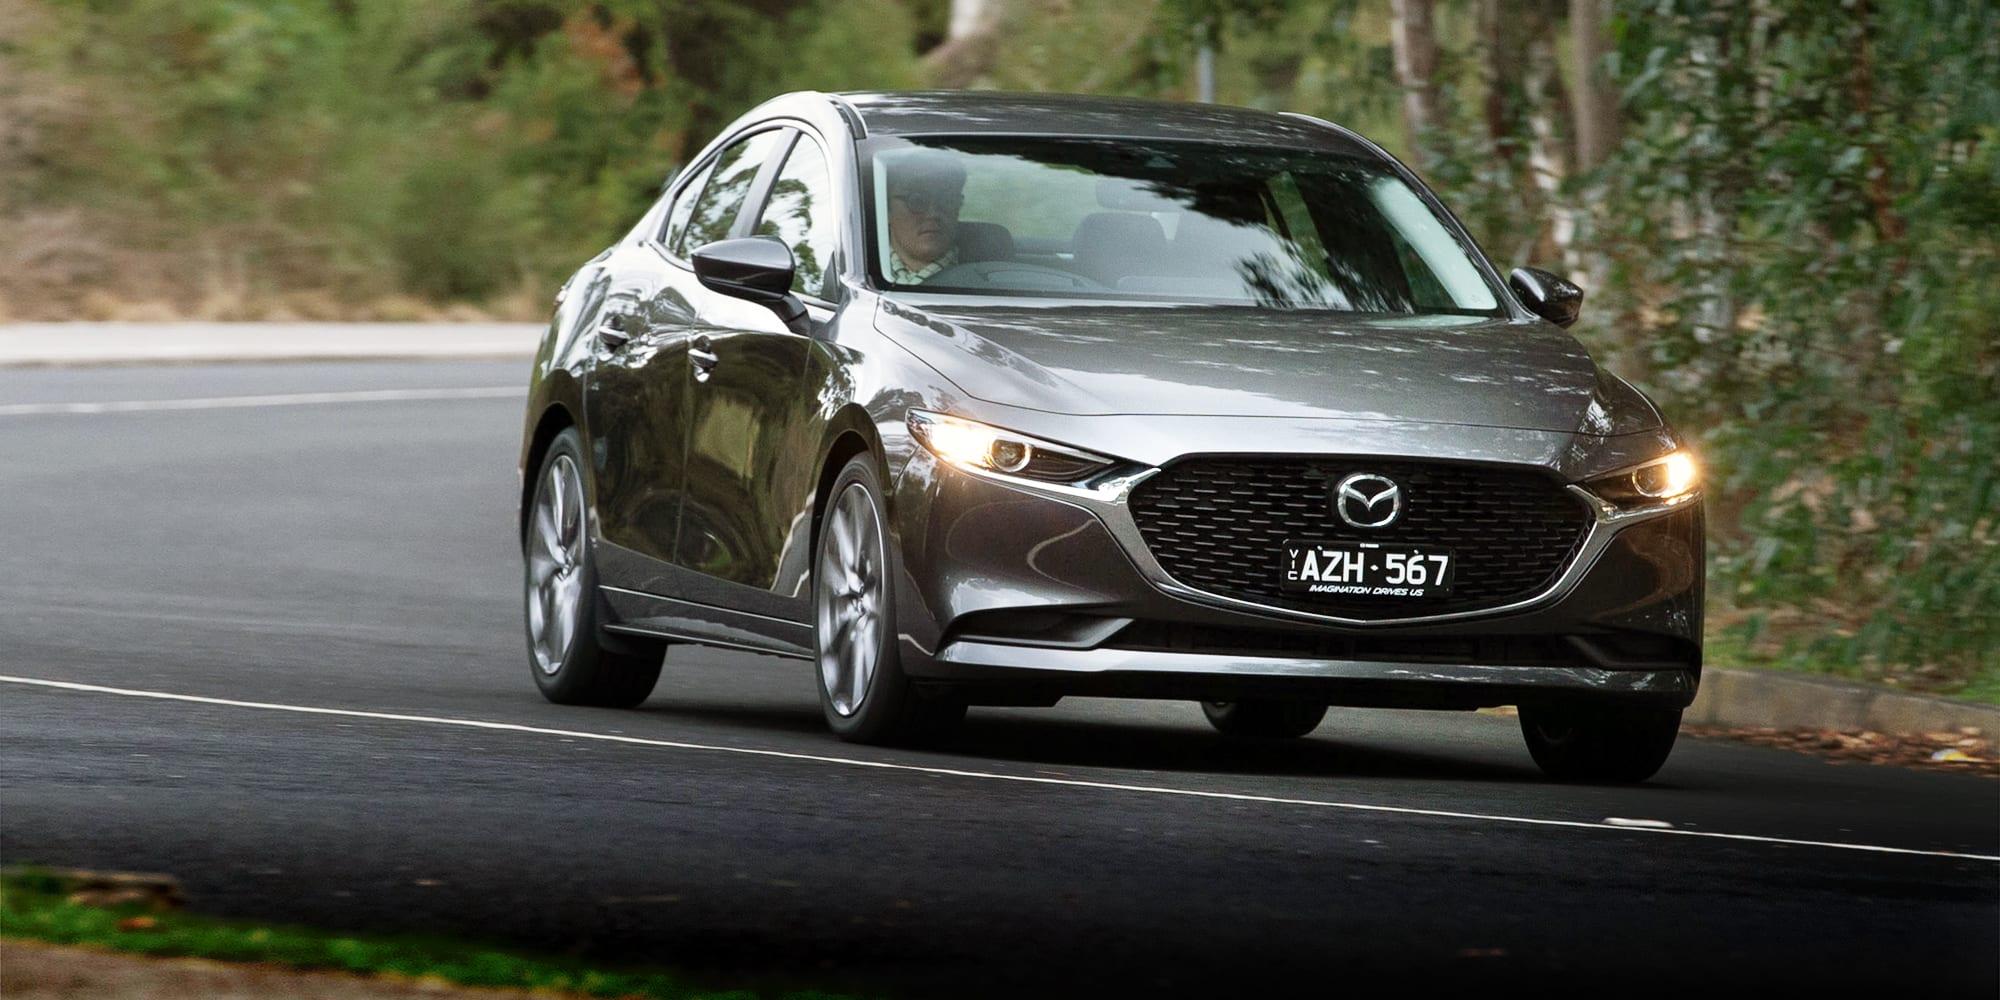 Best small car: Ford Focus v Holden Astra v Honda Civic v